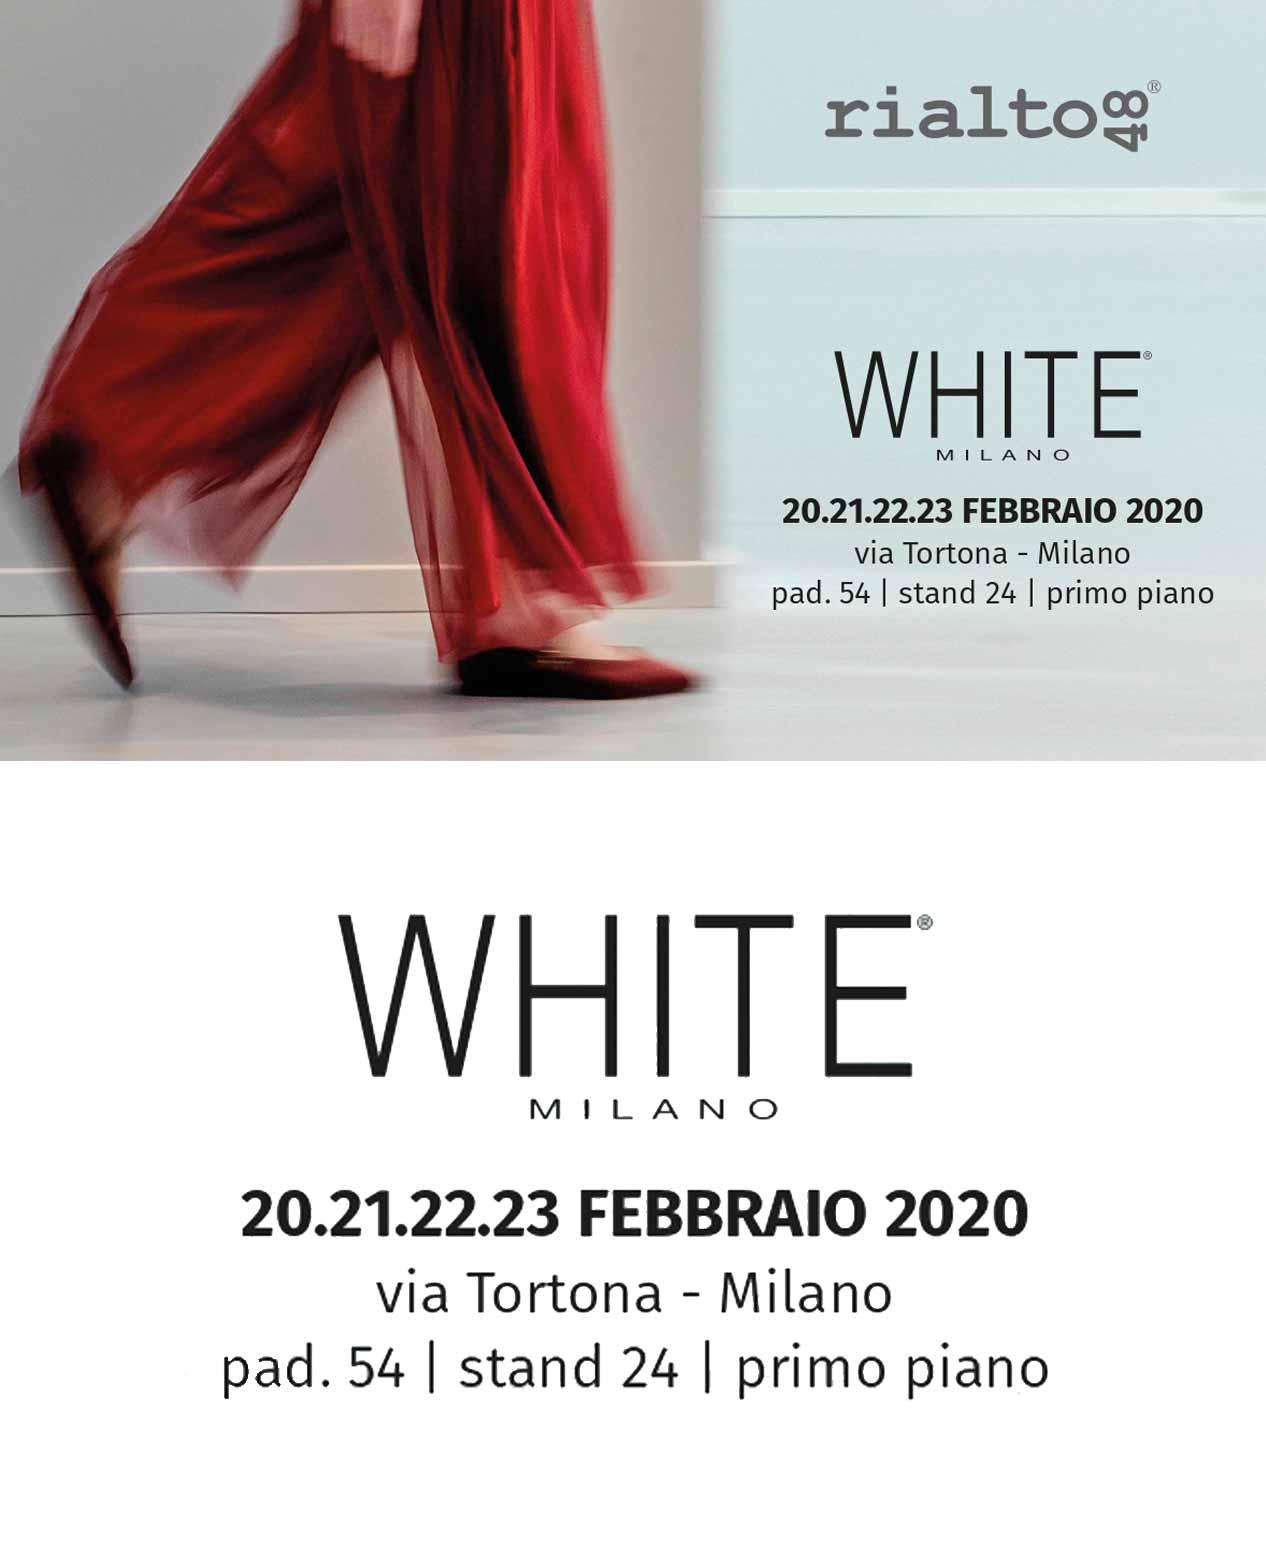 Rialto48 WHITE Milano 2020